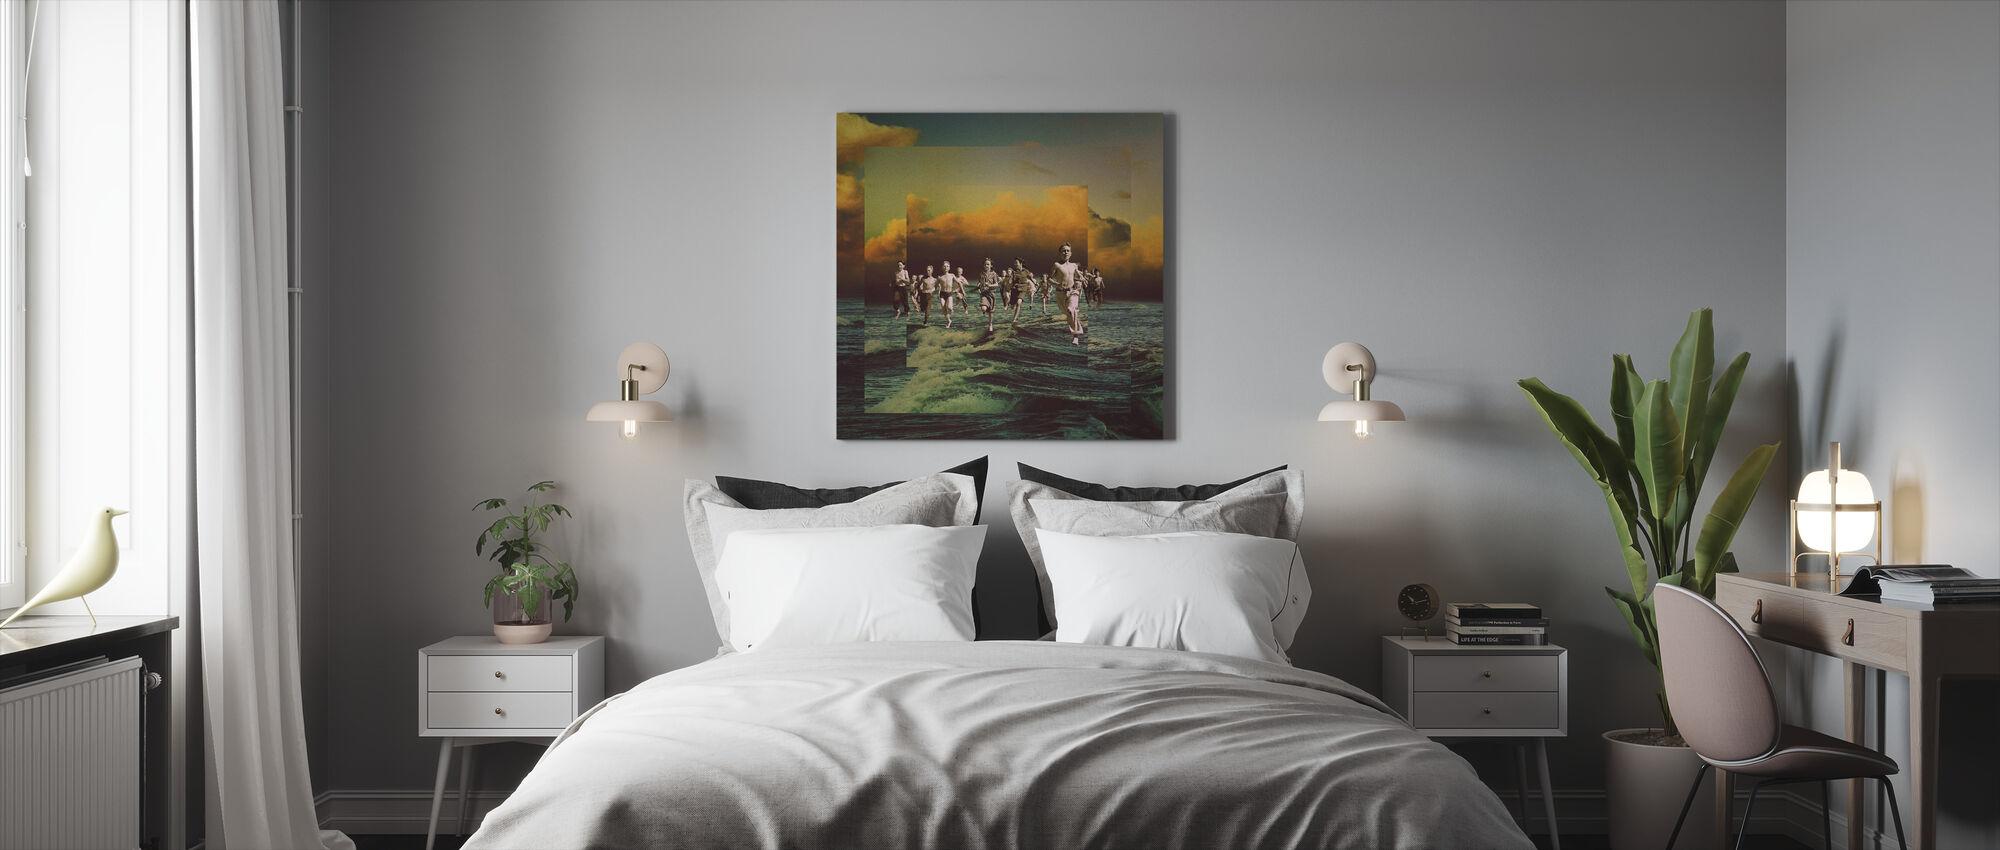 Ausreißer - Leinwandbild - Schlafzimmer